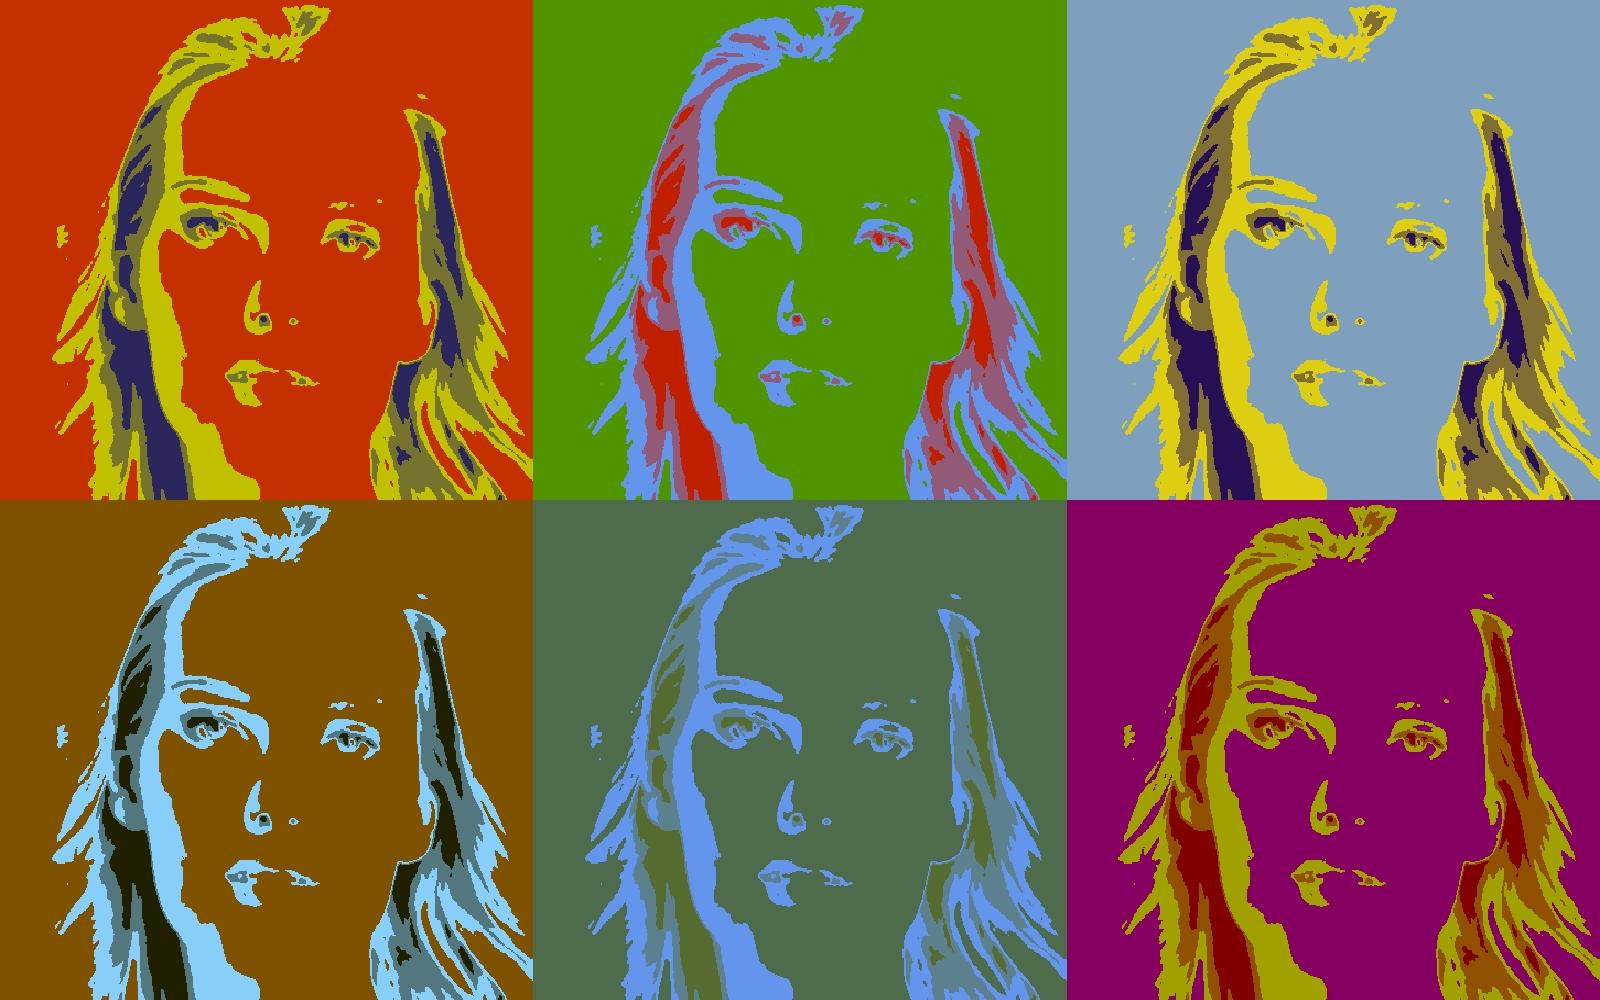 Gambar Pop Art Adriana Cernanova Gaya Andy Warhol Untuk Wallpaper